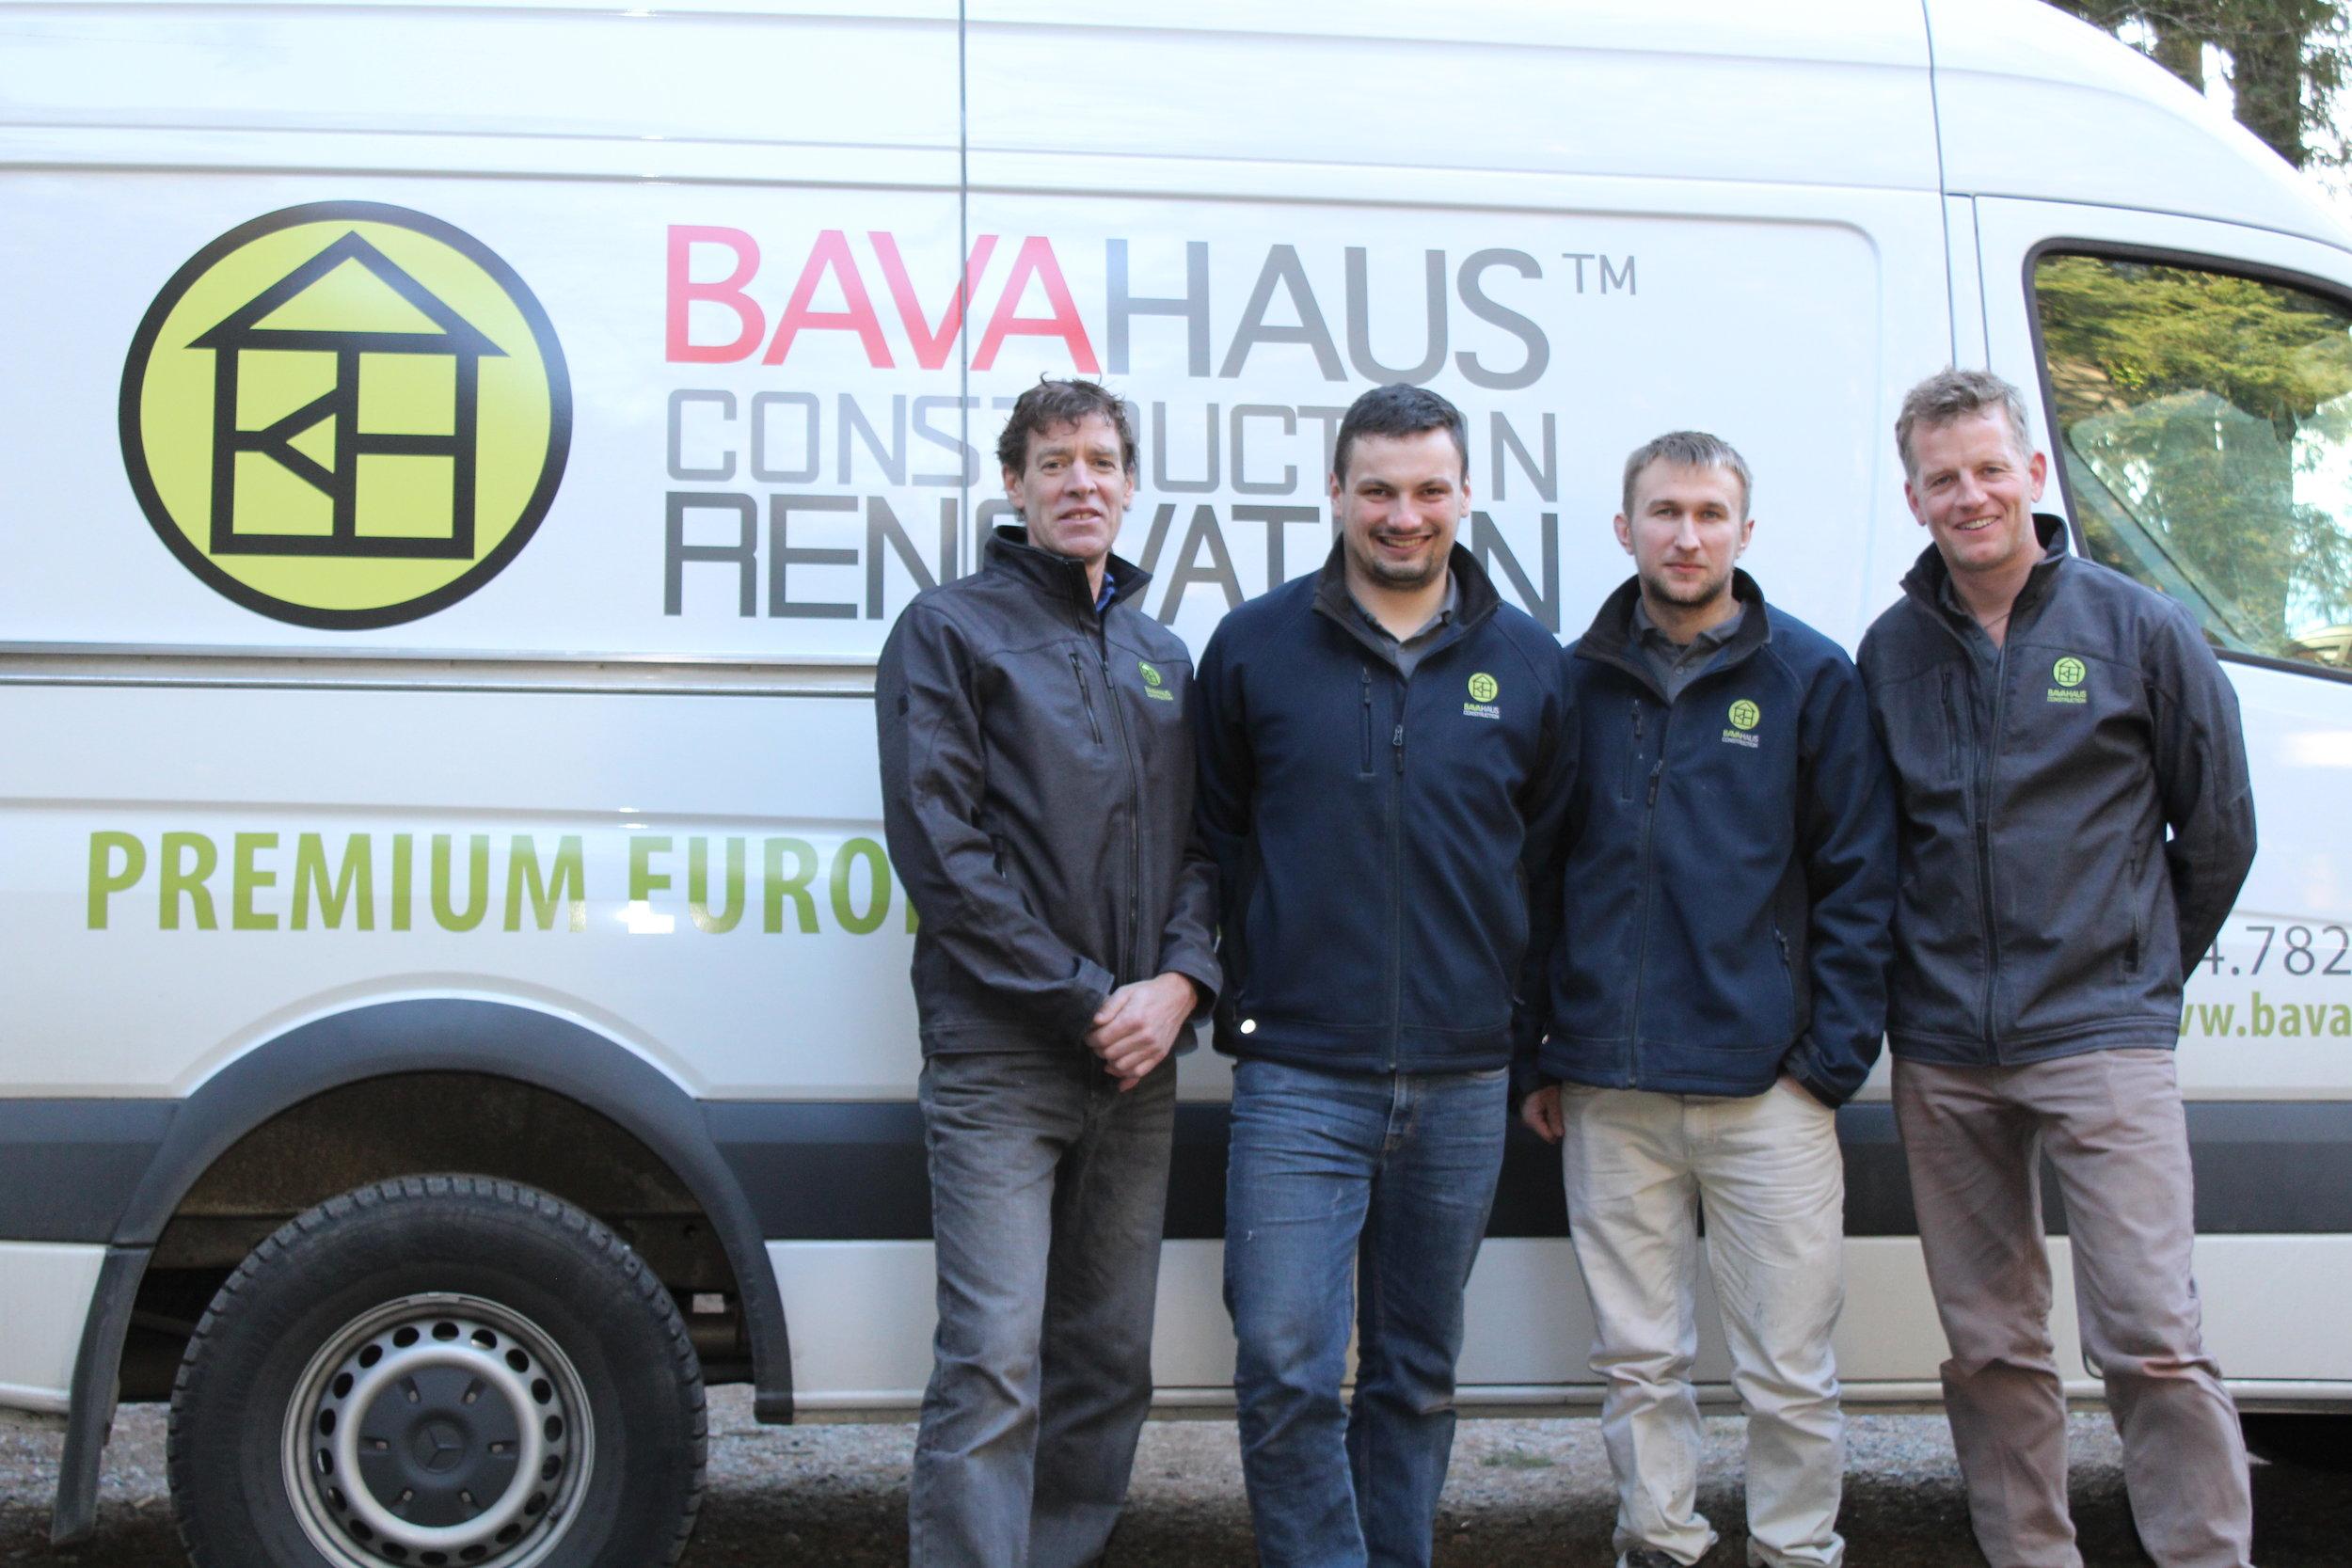 Bavahaus Team